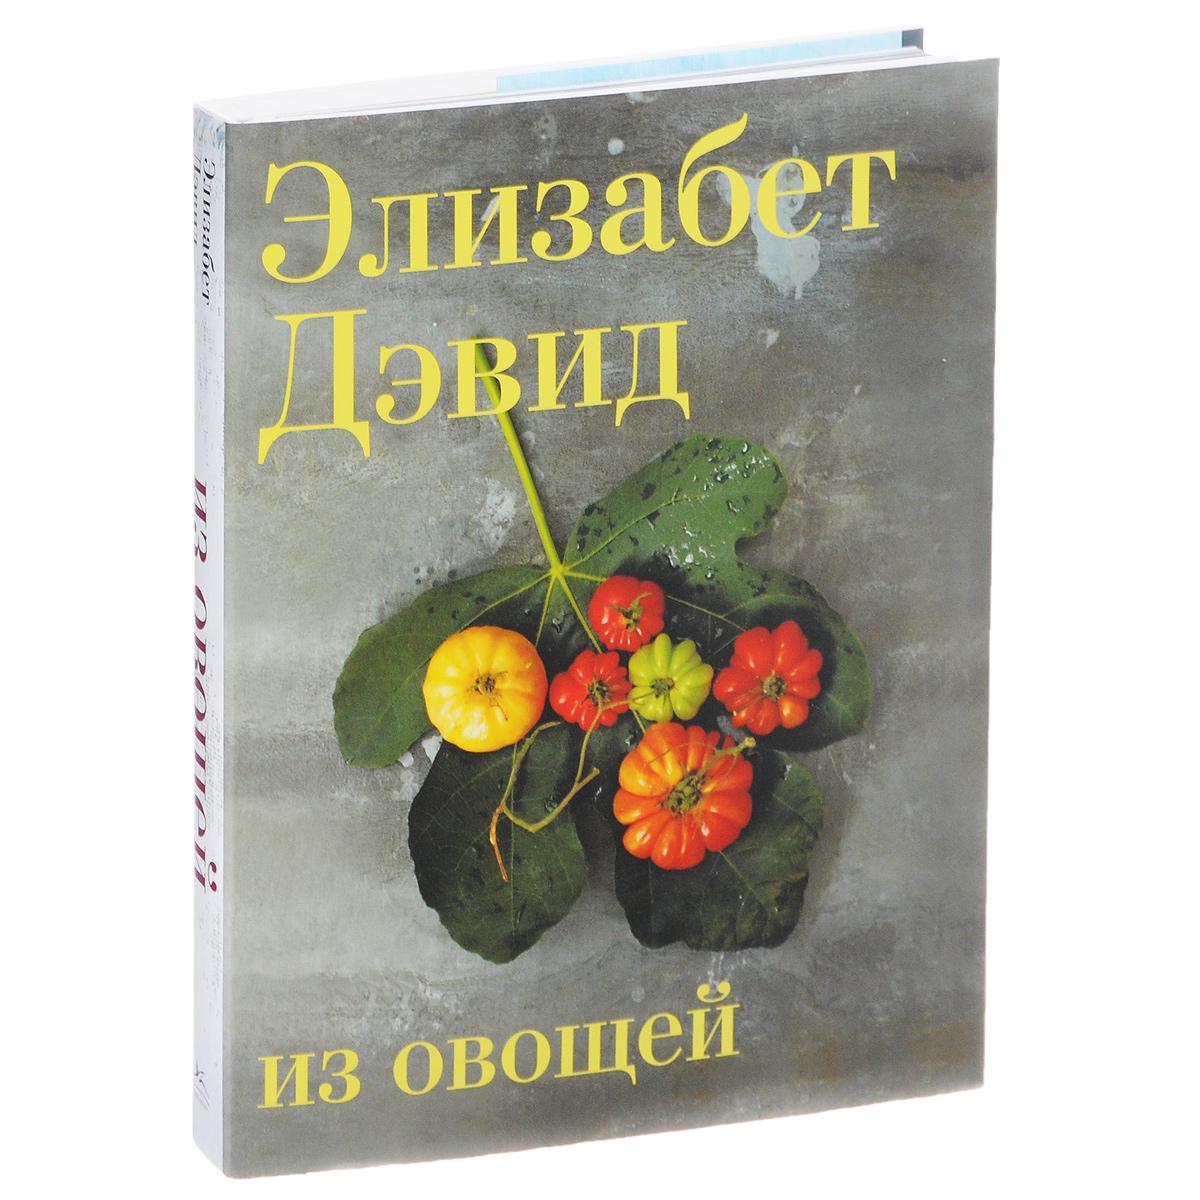 Из овощей, Элизабет Дэвид